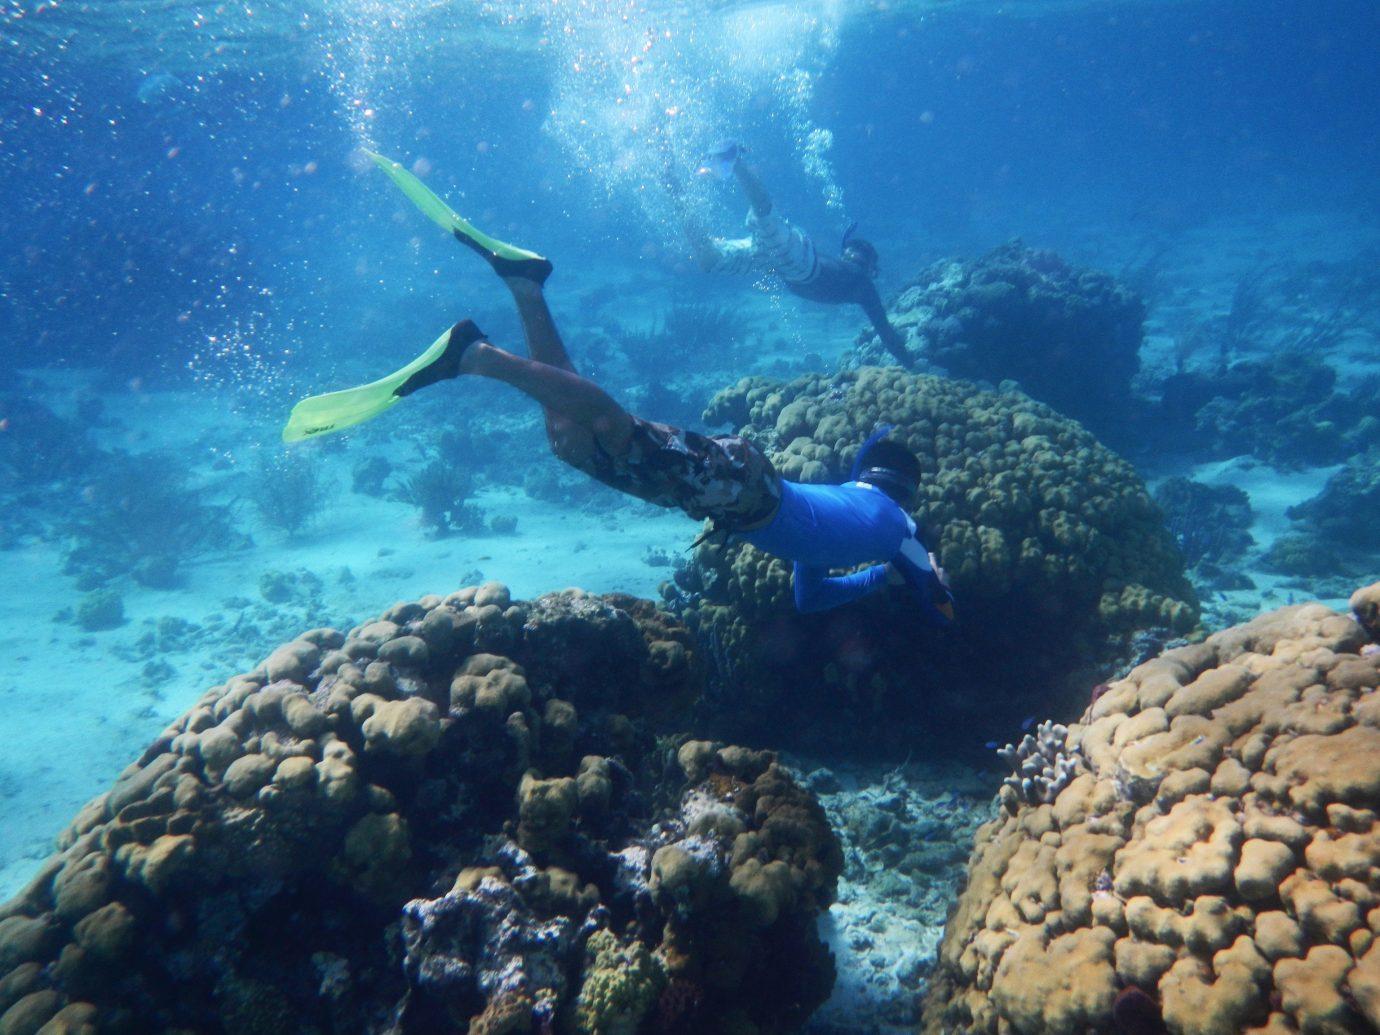 Trip Ideas outdoor rock coral reef reef marine biology Ocean biology underwater Sea Scuba Diving underwater diving outdoor recreation Sport diving coral reef fish coral Nature recreation sports swimming blue ocean floor